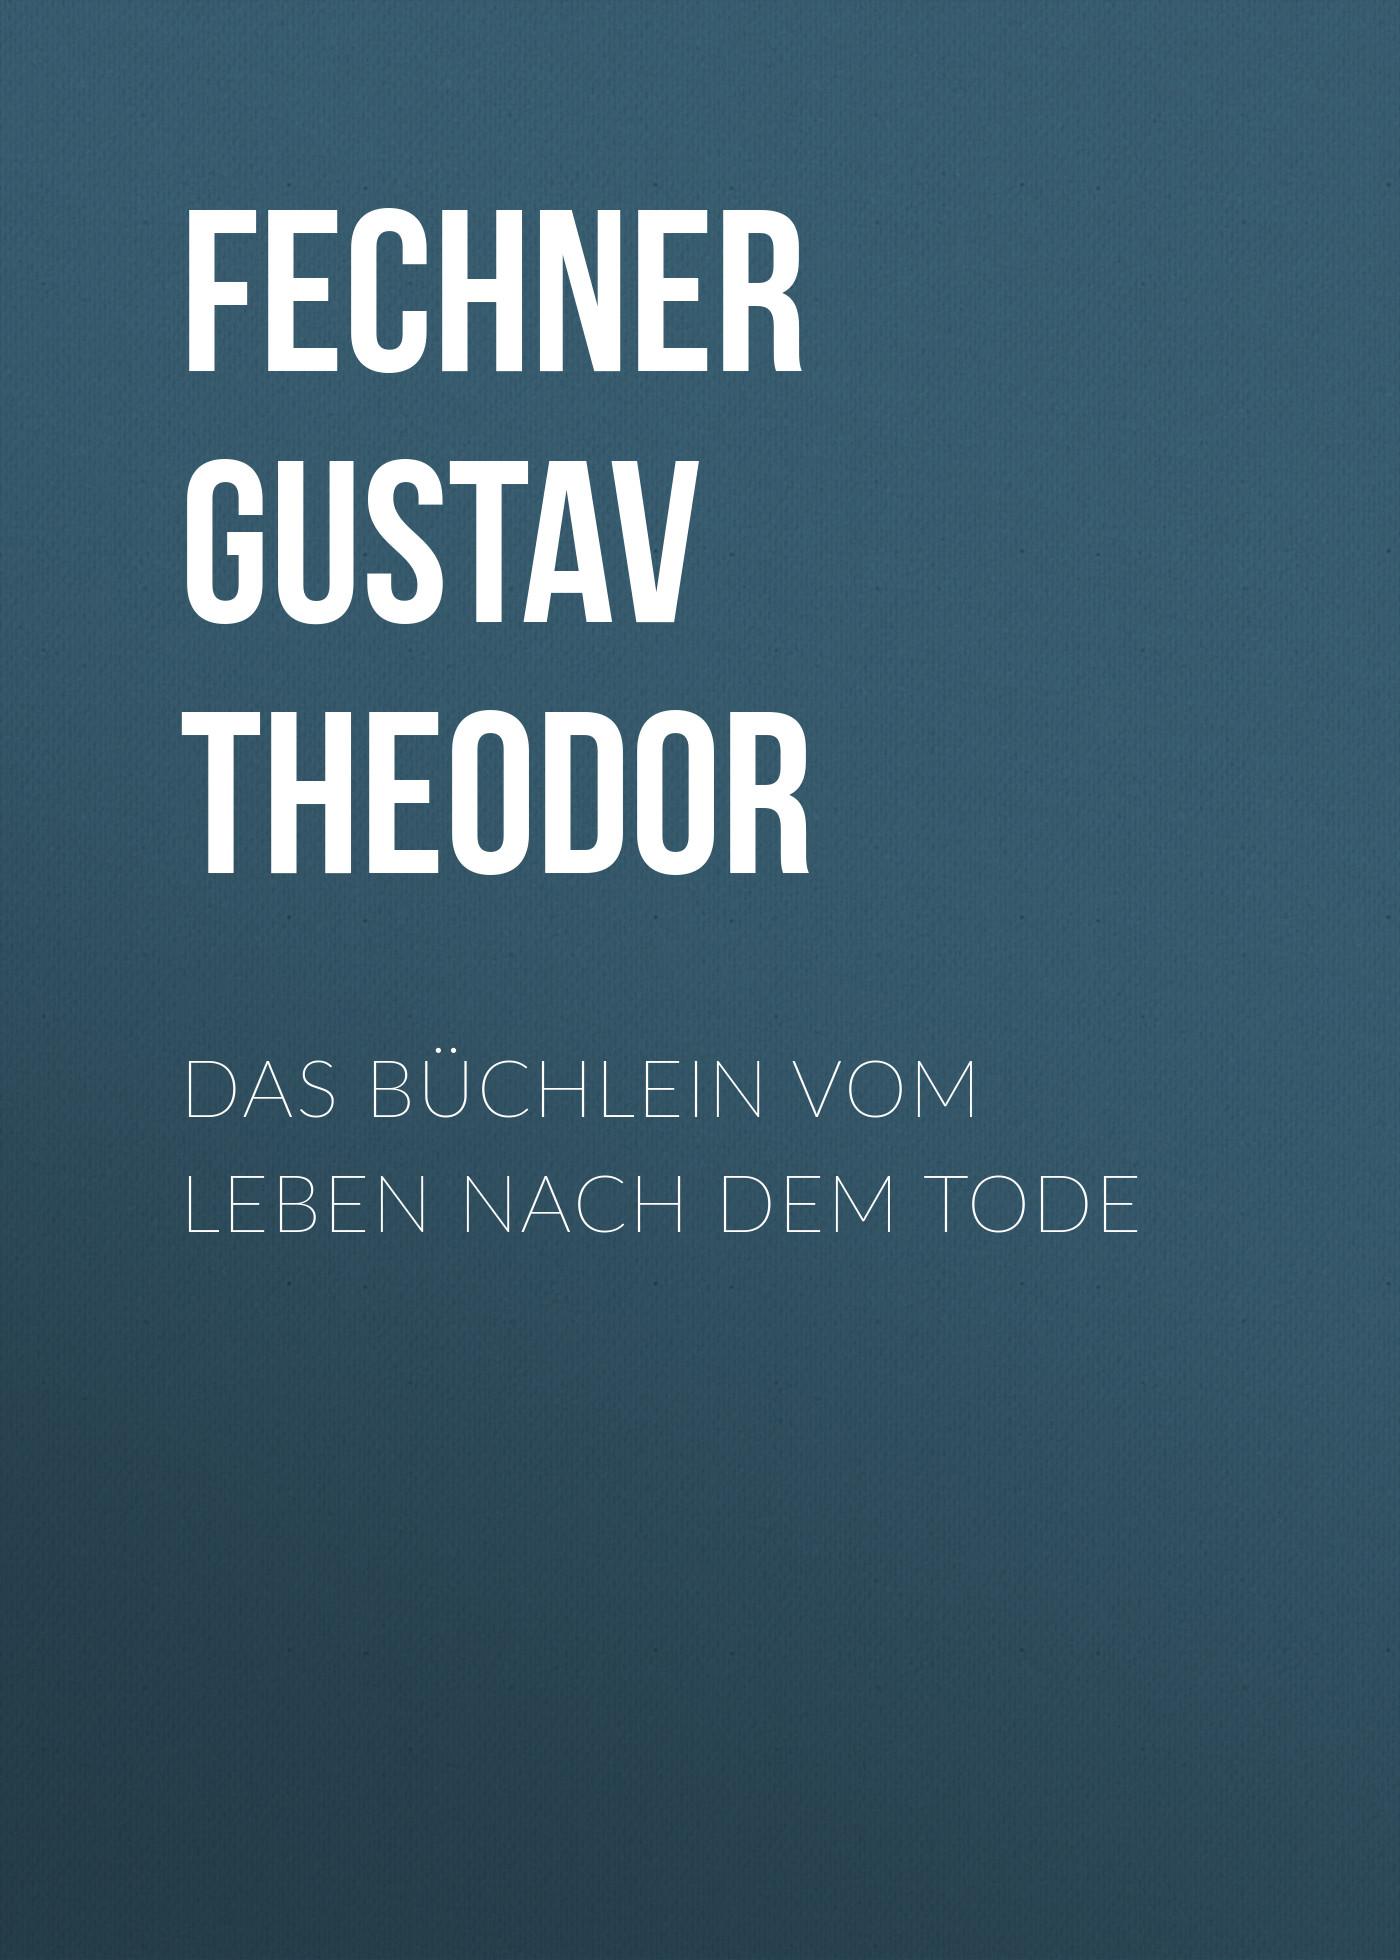 Fechner Gustav Theodor Das Büchlein vom Leben nach dem Tode theodor koch grünberg vom roroima zum orinoco